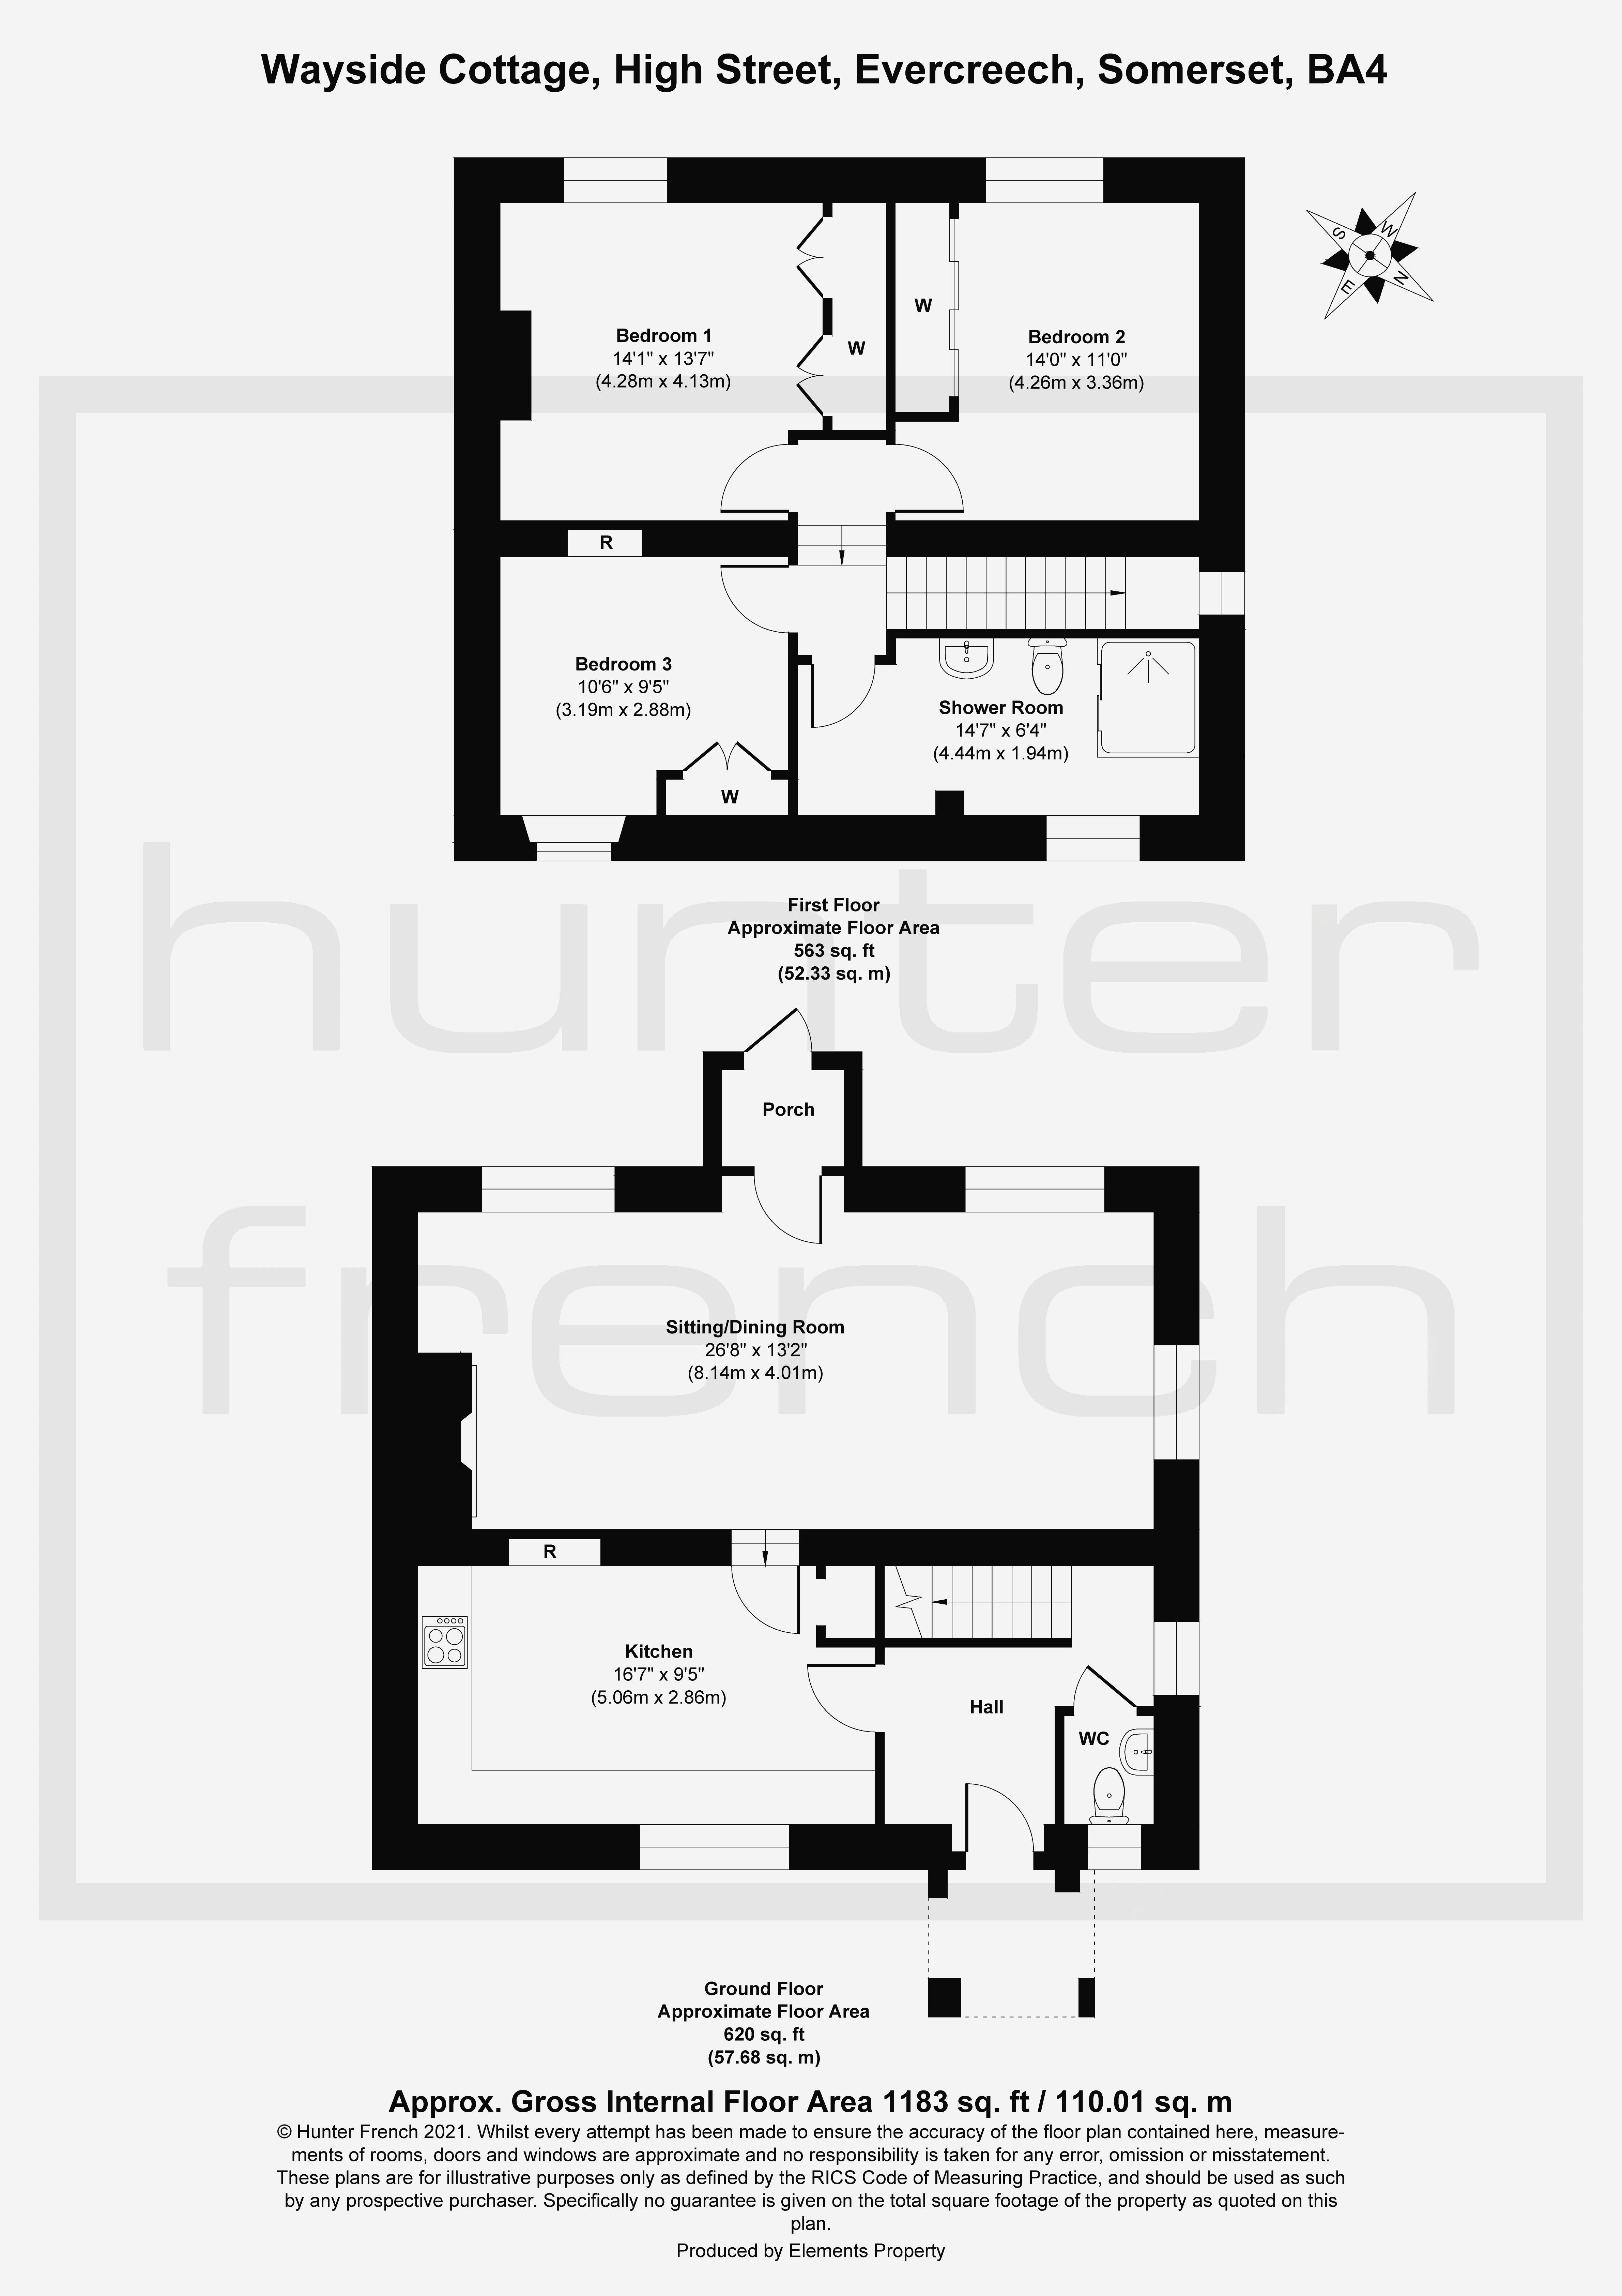 Wayside Cottage Floorplan